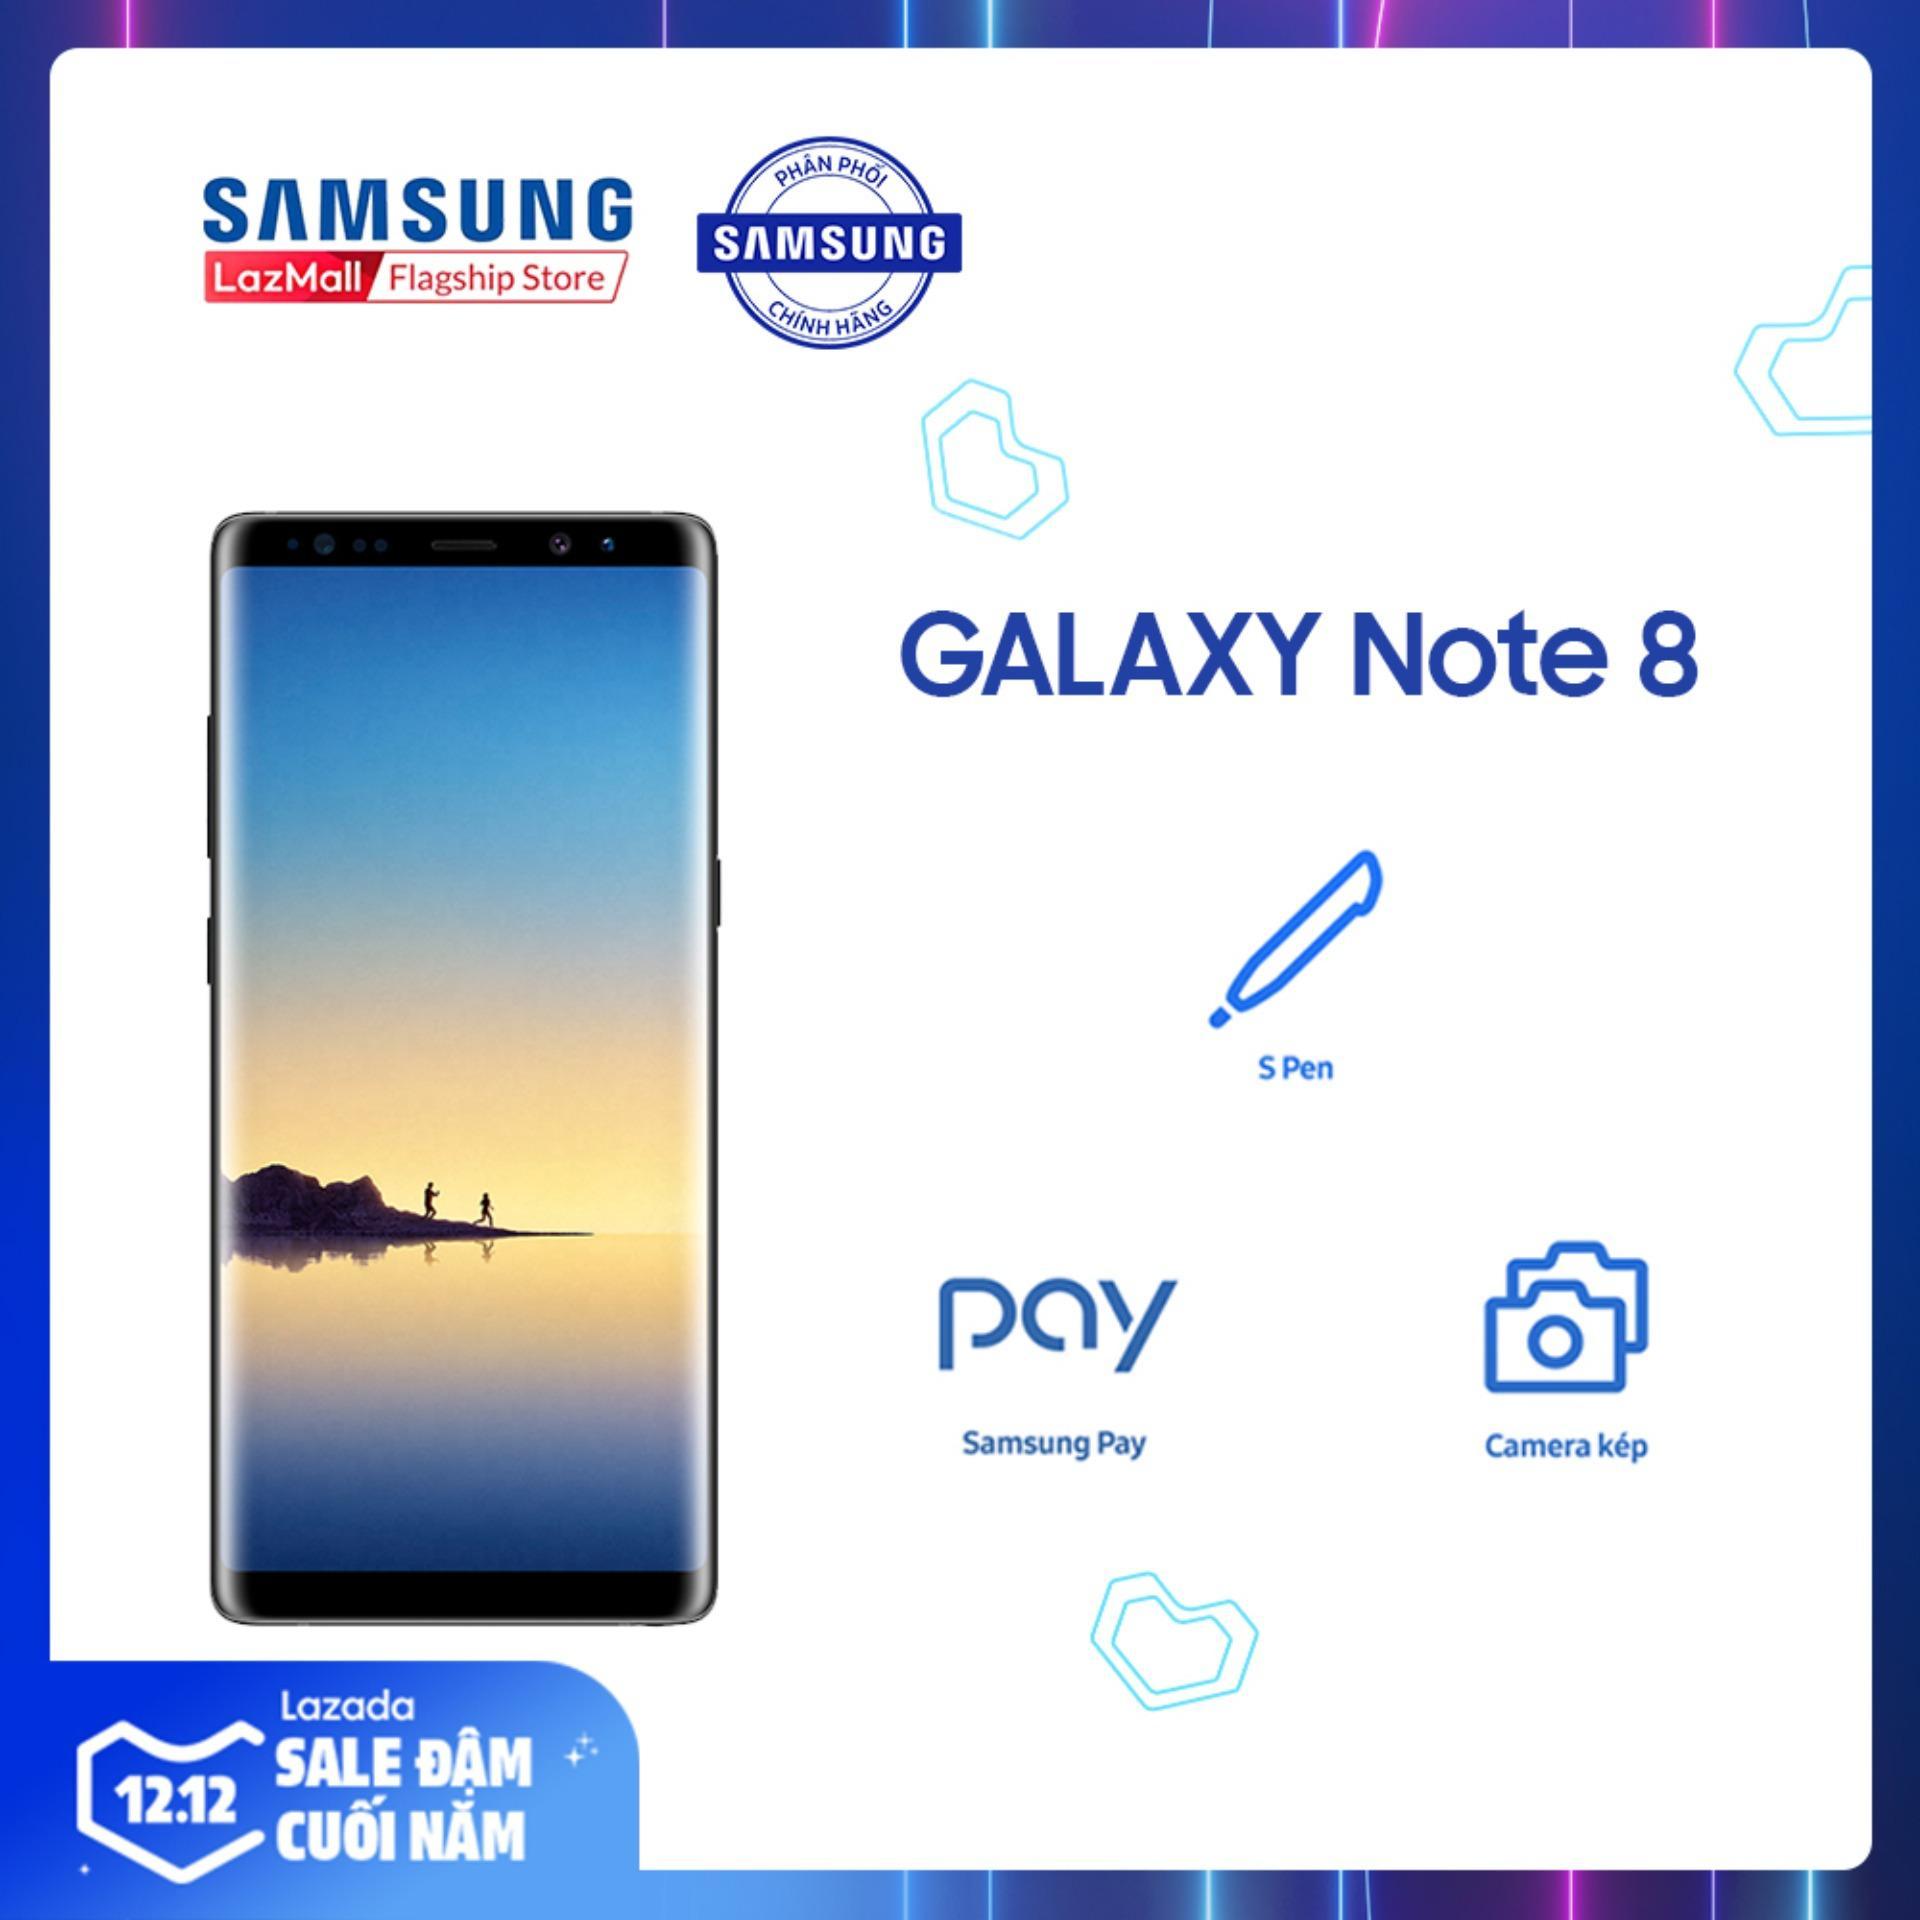 Coupon Khuyến Mại Điện Thoại Samsung Galaxy Note 8 64GB (6GB RAM) -  Màn Hình Super Amoled Vô Cực Không Viền 6.3  + Camera Sau Kép 12 MP + Pin 3300 MAh - Hàng Phân Phối Chính Hãng.